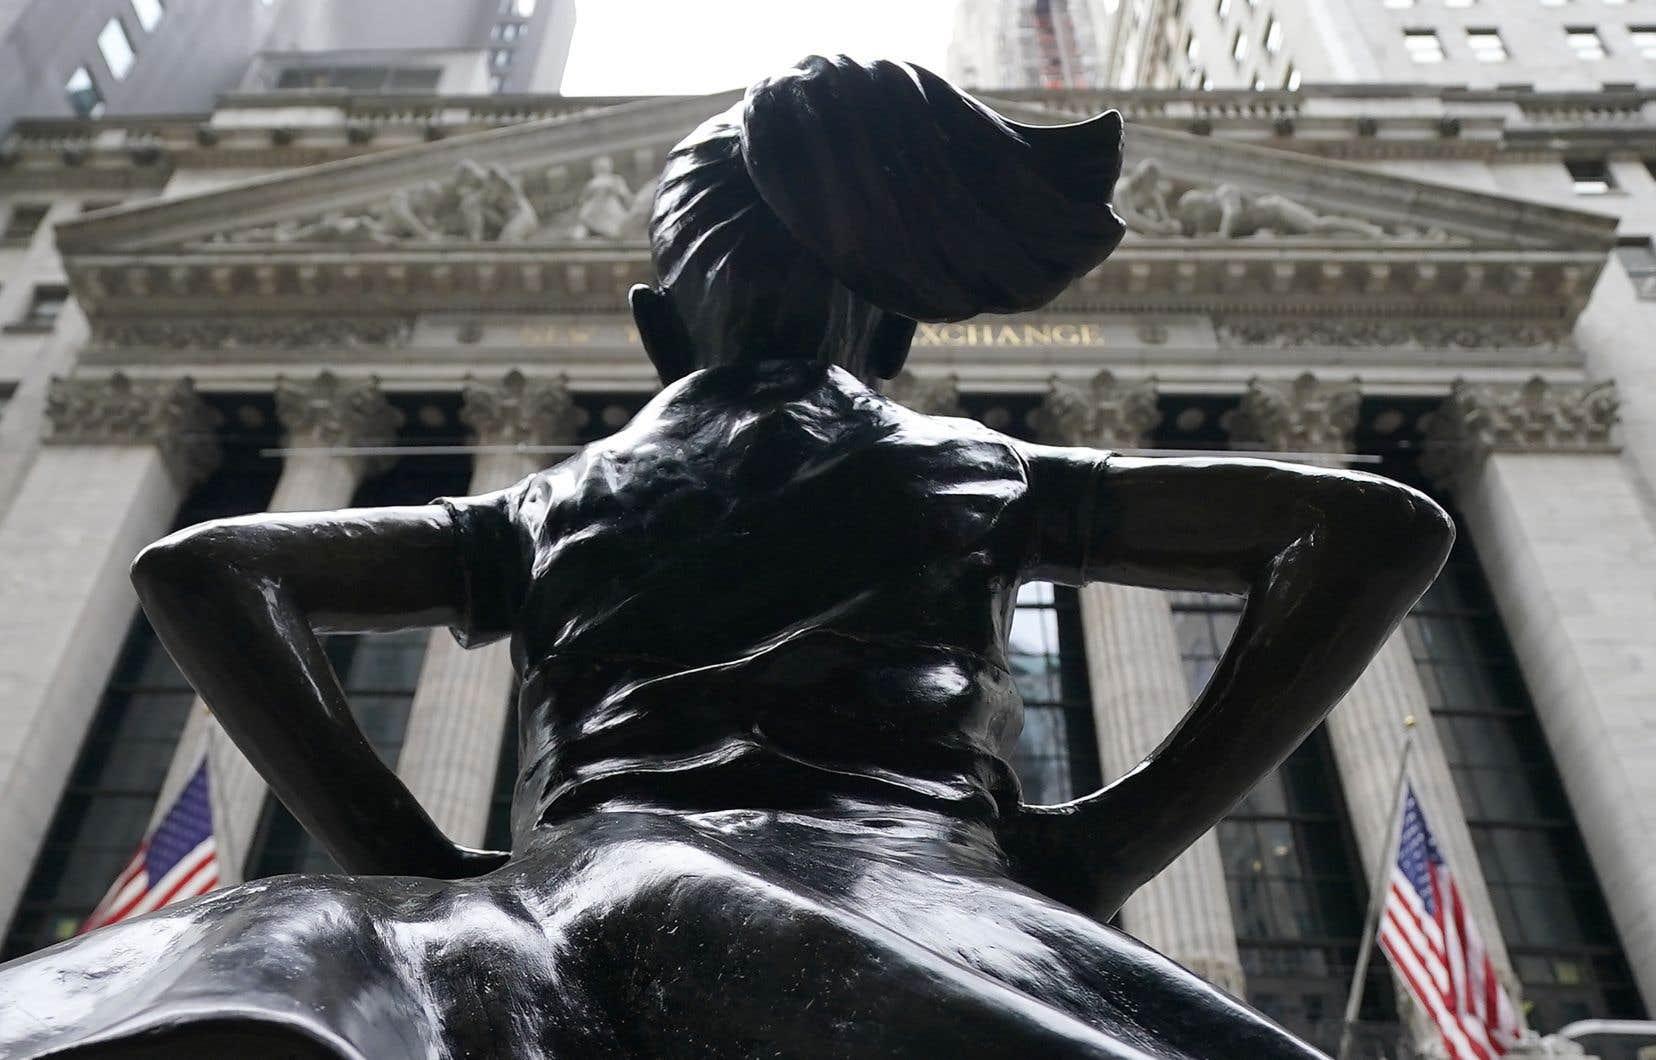 La Bourse de New York est repartie de l'avant lundi, après avoir été chahutée la semaine dernière par une fièvre spéculatrice et la fronde de petits porteurs, le marché ayant connu ses plus lourdes pertes hebdomadaires depuis octobre.